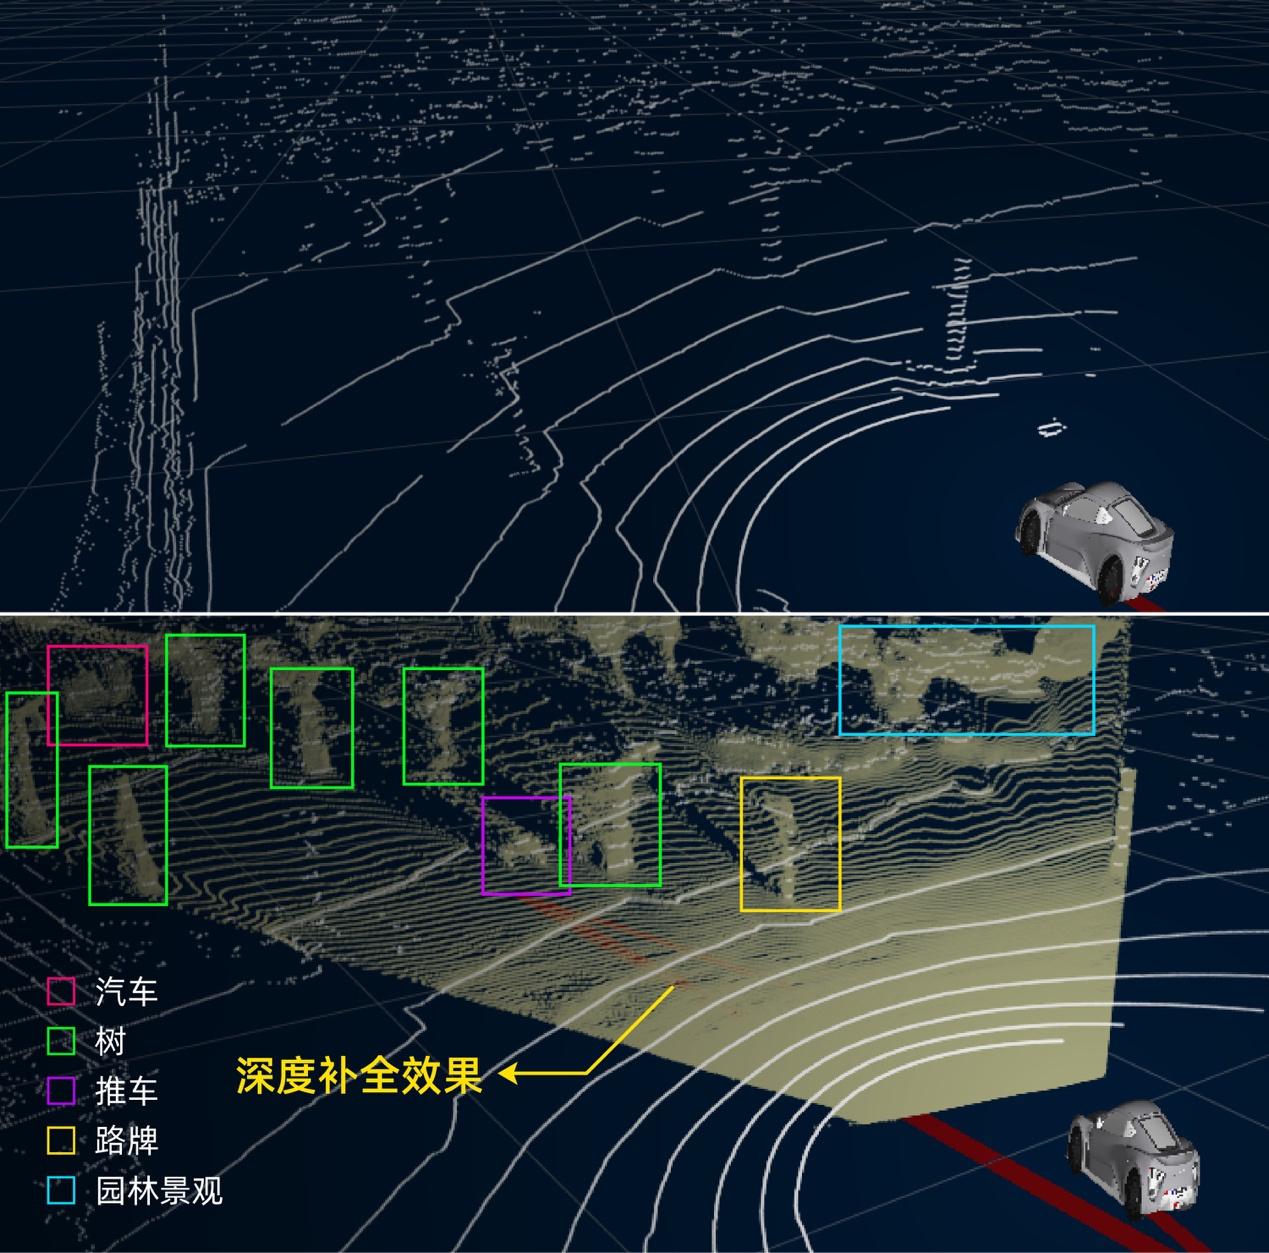 达摩院让普通激光雷达变高精雷达,大幅降低自动驾驶感知部件成本